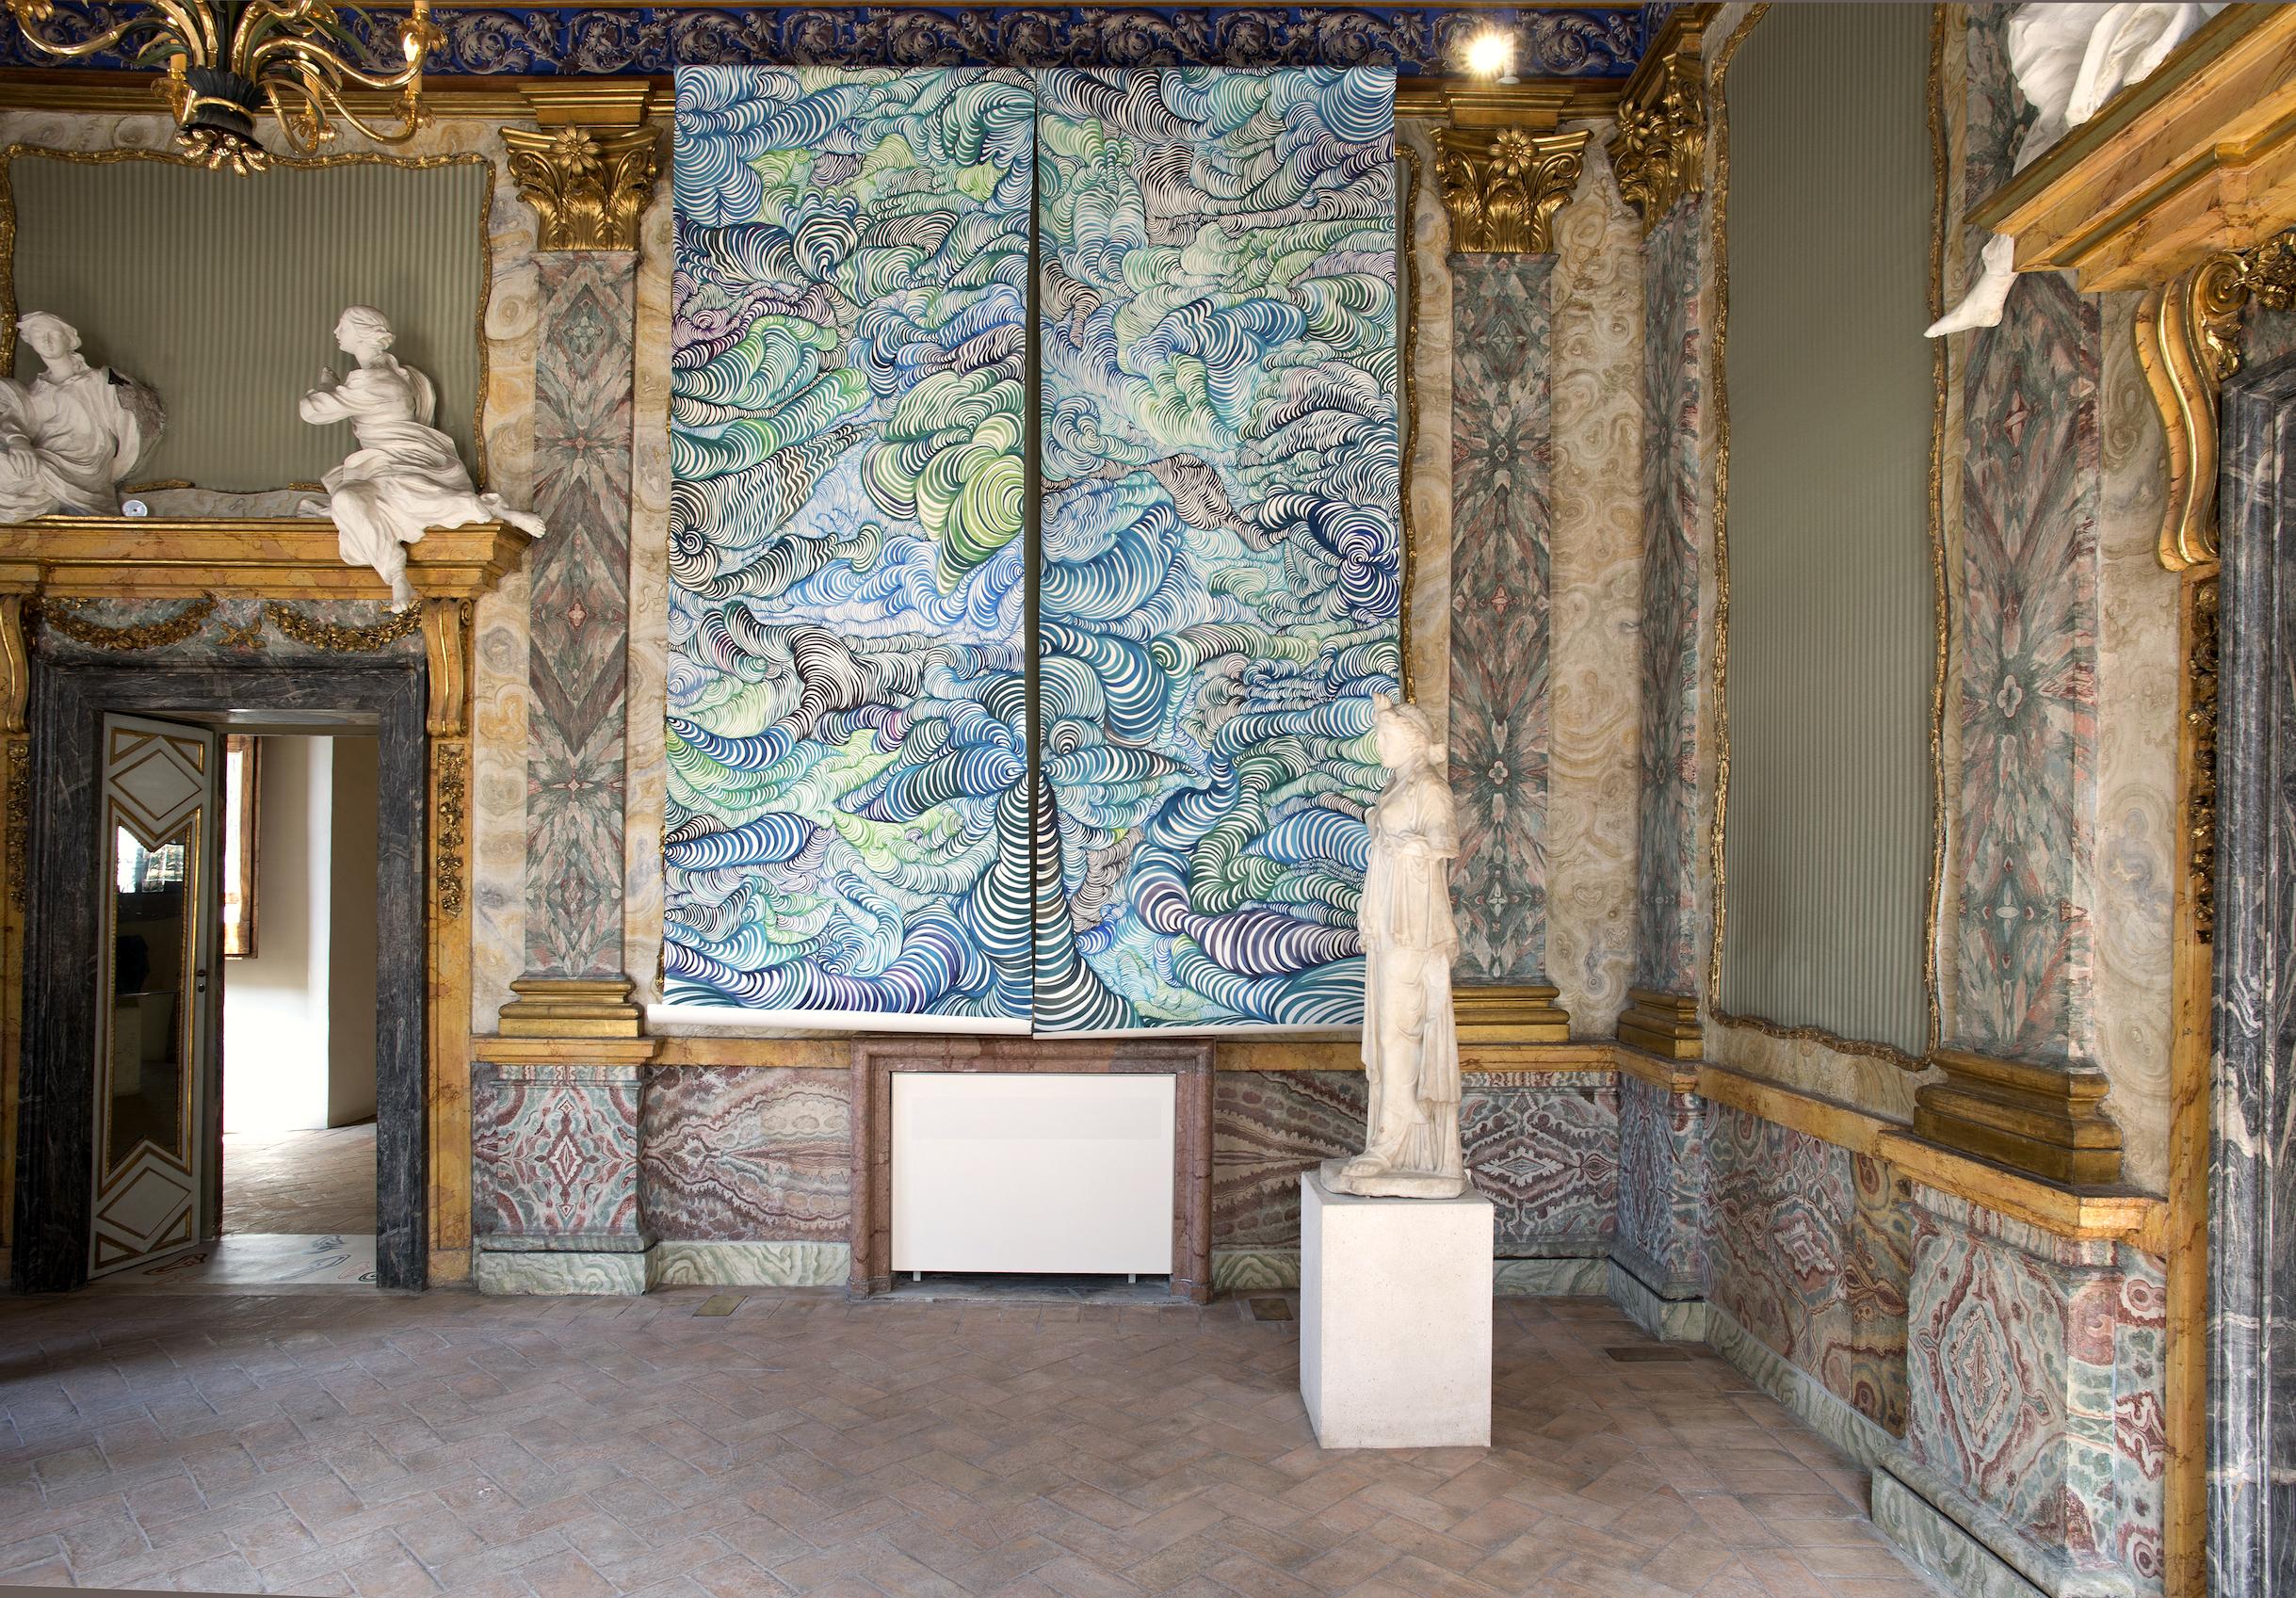 Maurizio Donzelli - Ad Altemps, Palazzo Altemps